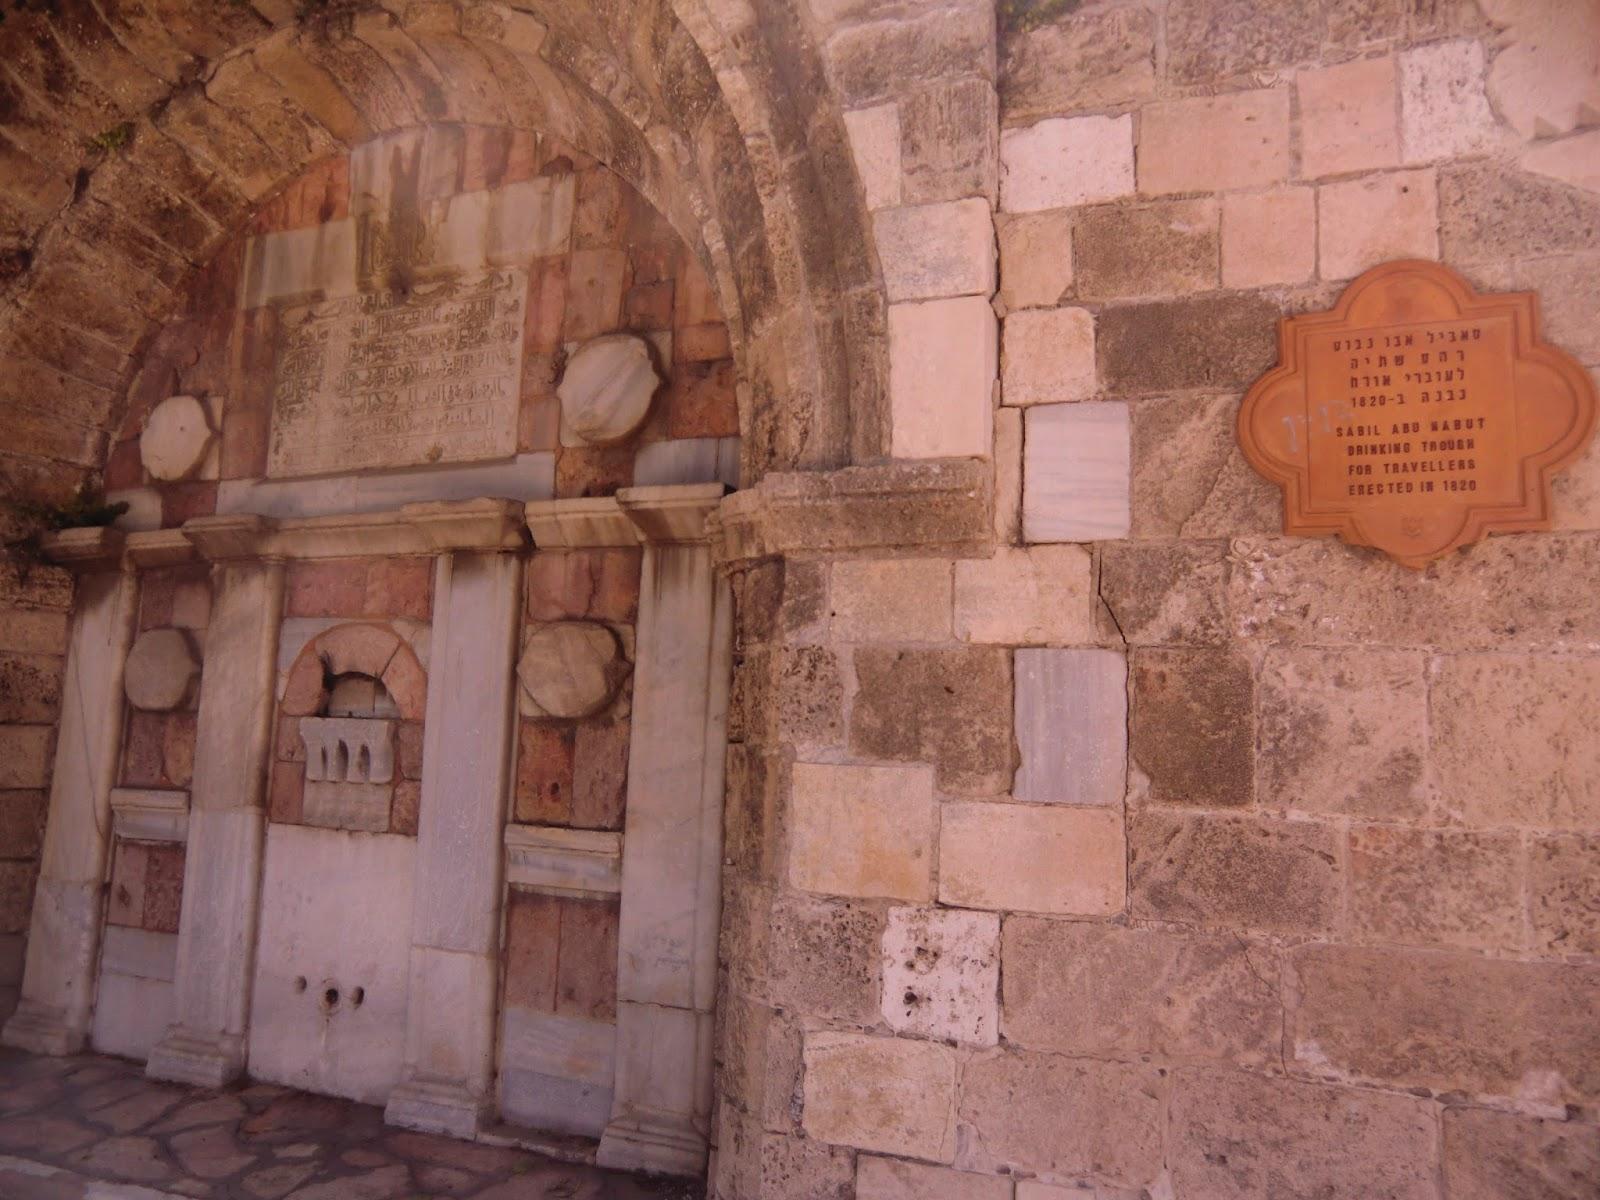 Sabil-Abu-Nabut-1820